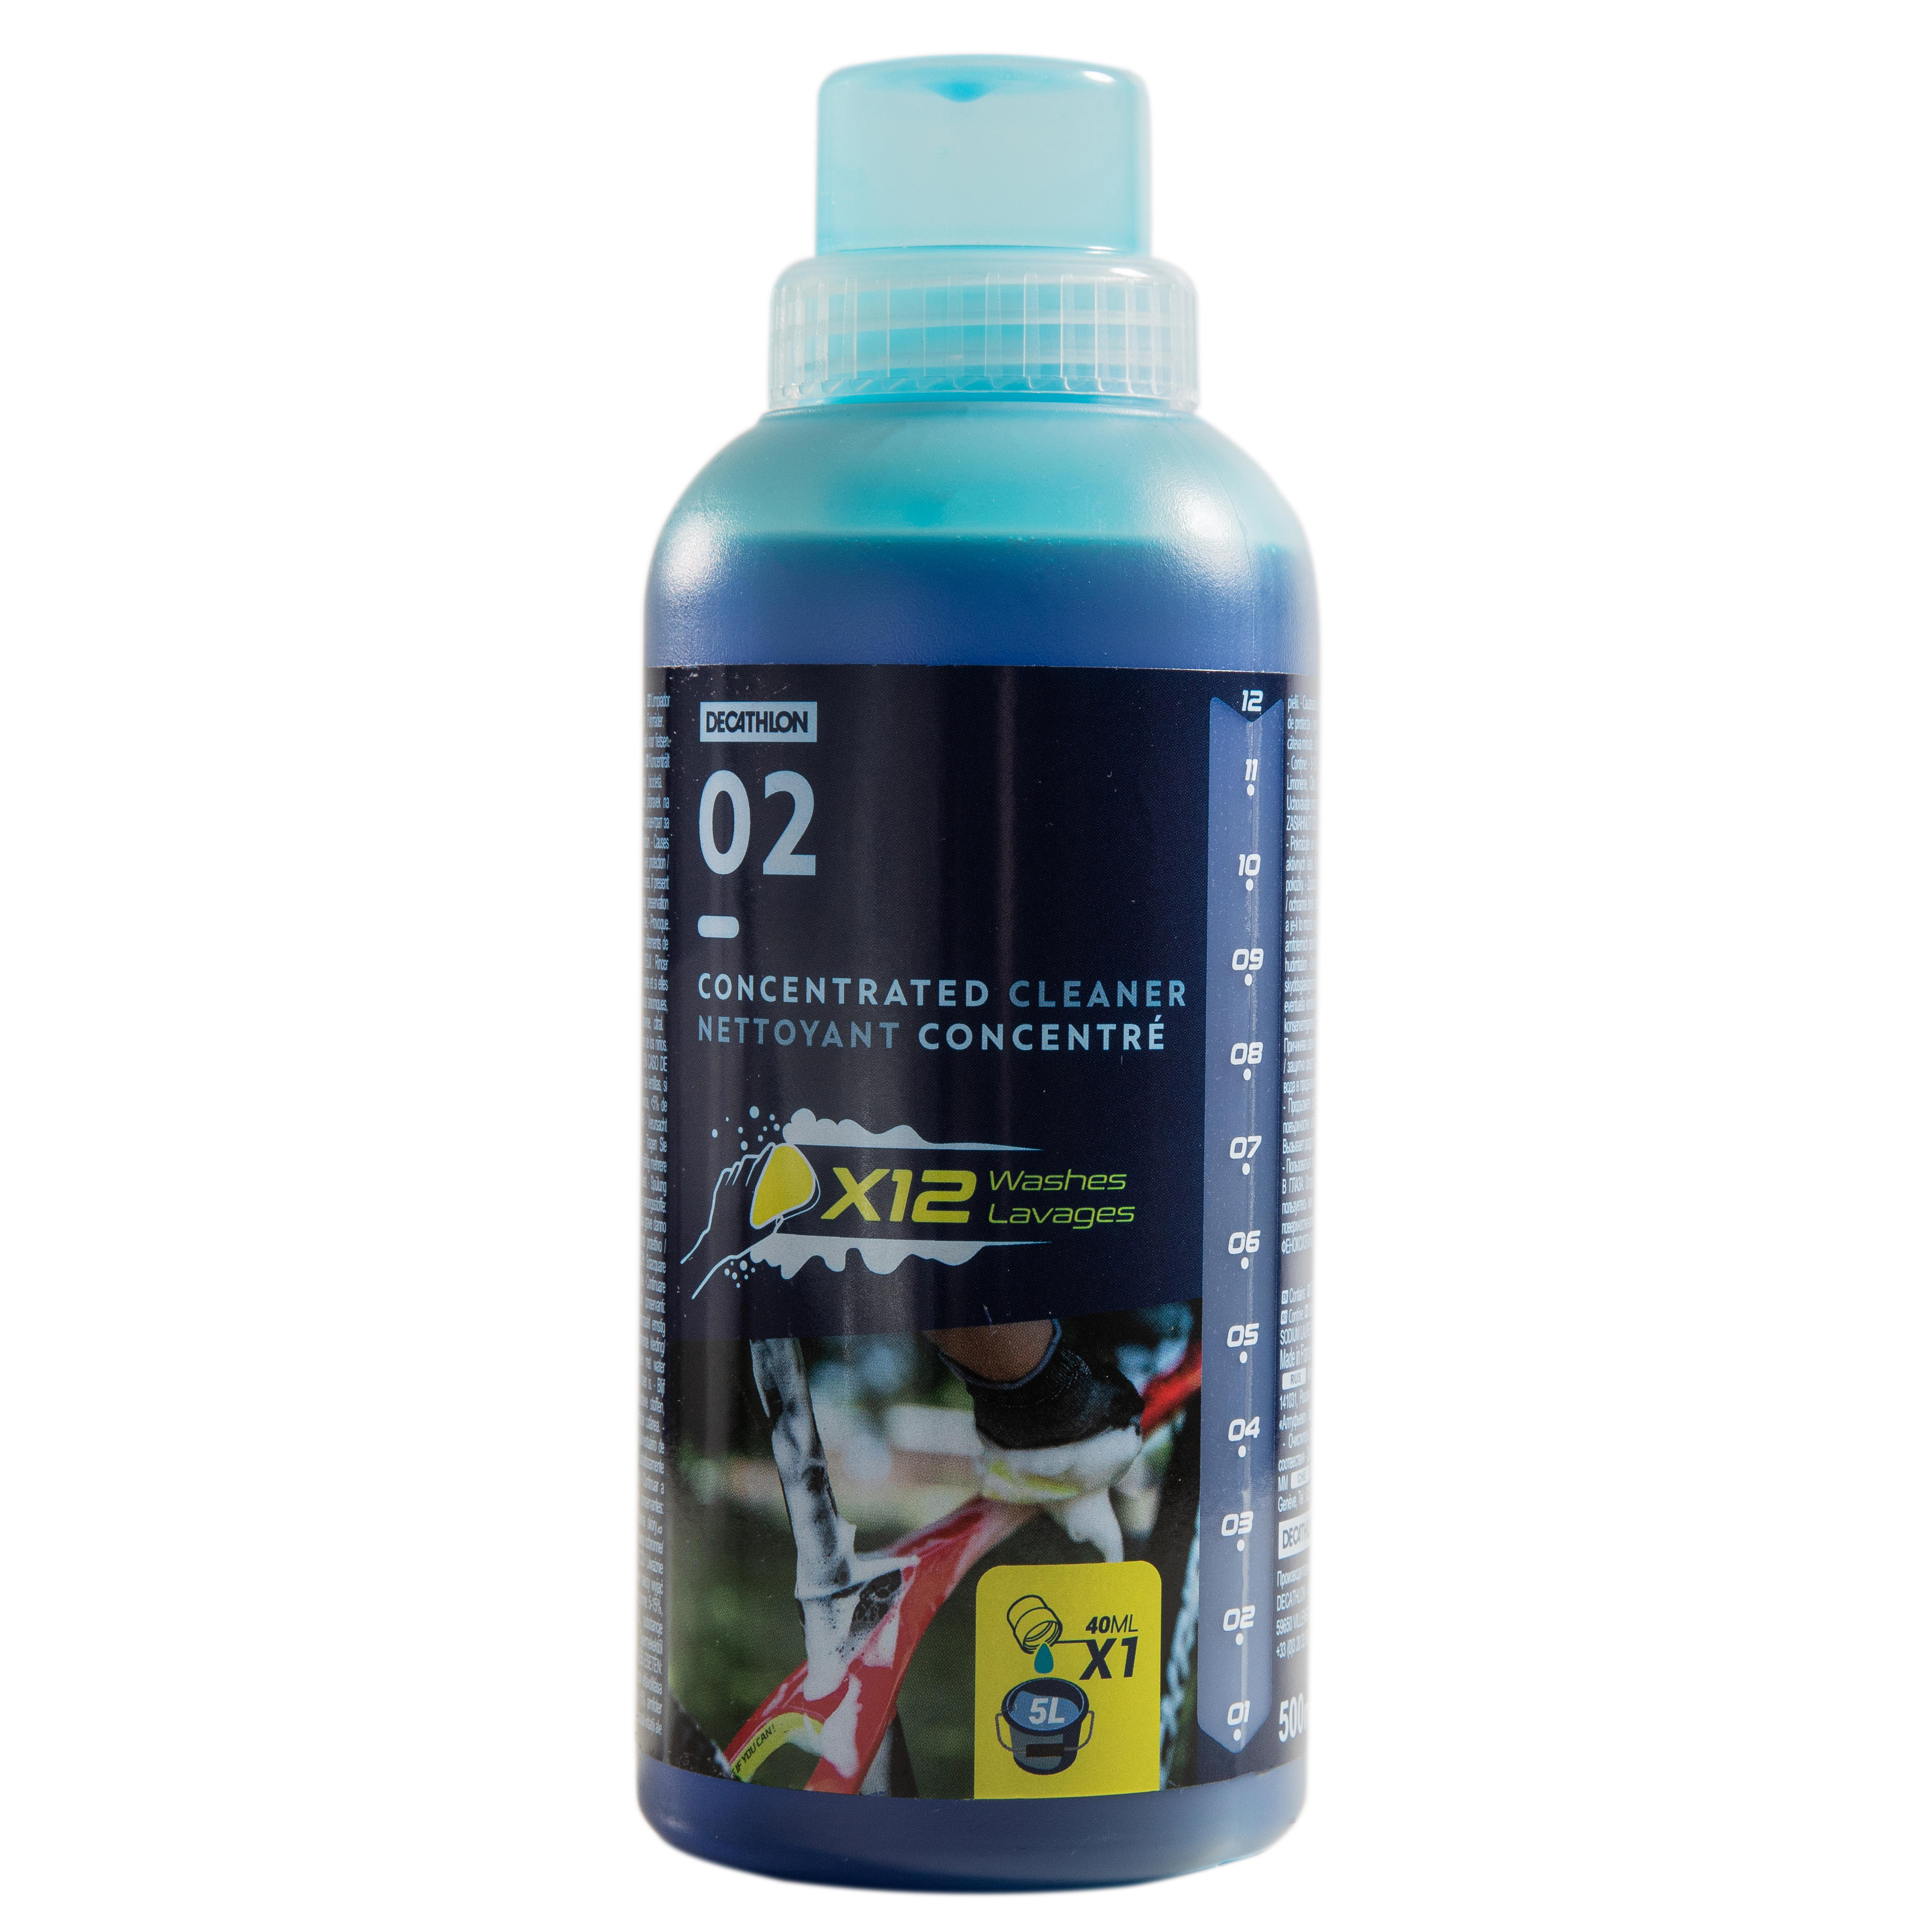 Detergent concentrat bicicletă imagine